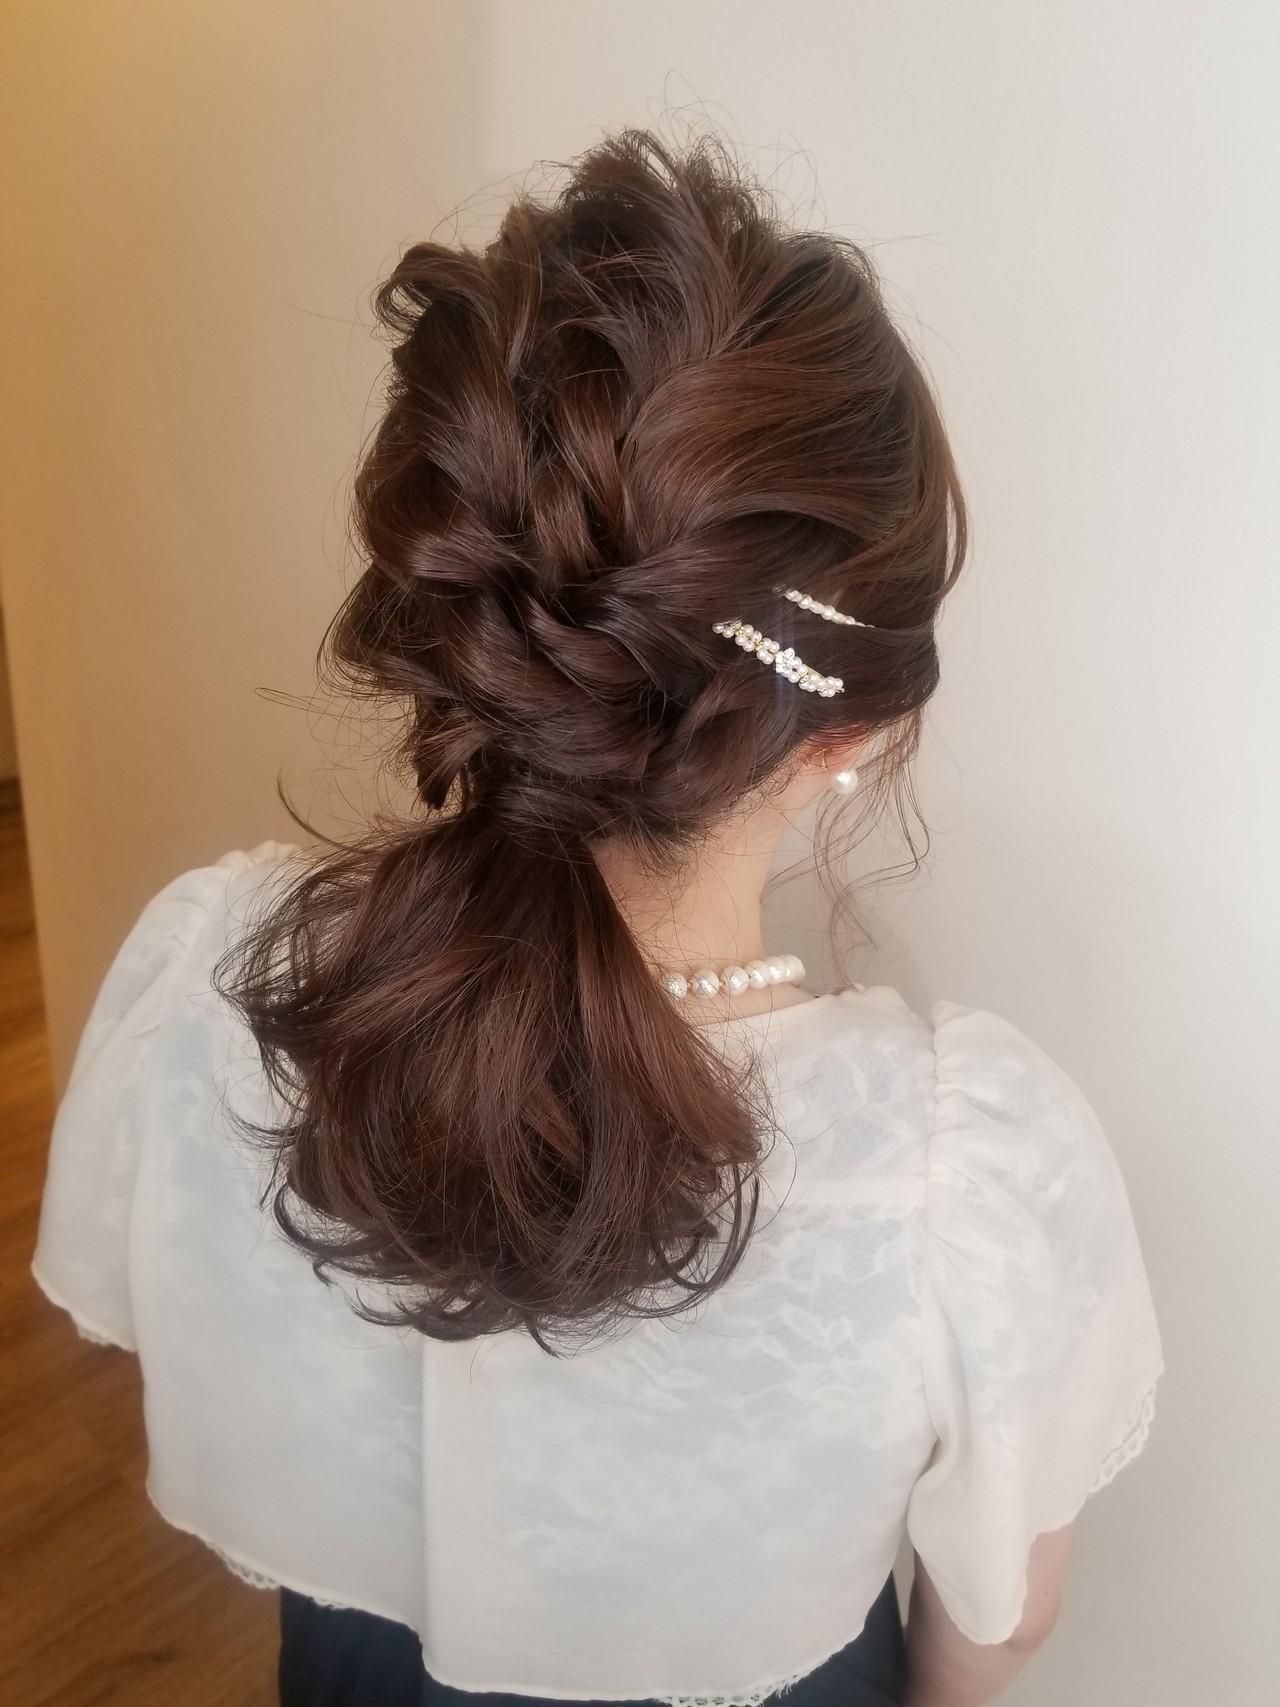 結婚式ヘアアレンジ ヘアアレンジ ガーリー 結婚式 ヘアスタイルや髪型の写真・画像 | Naoko Miura / avant